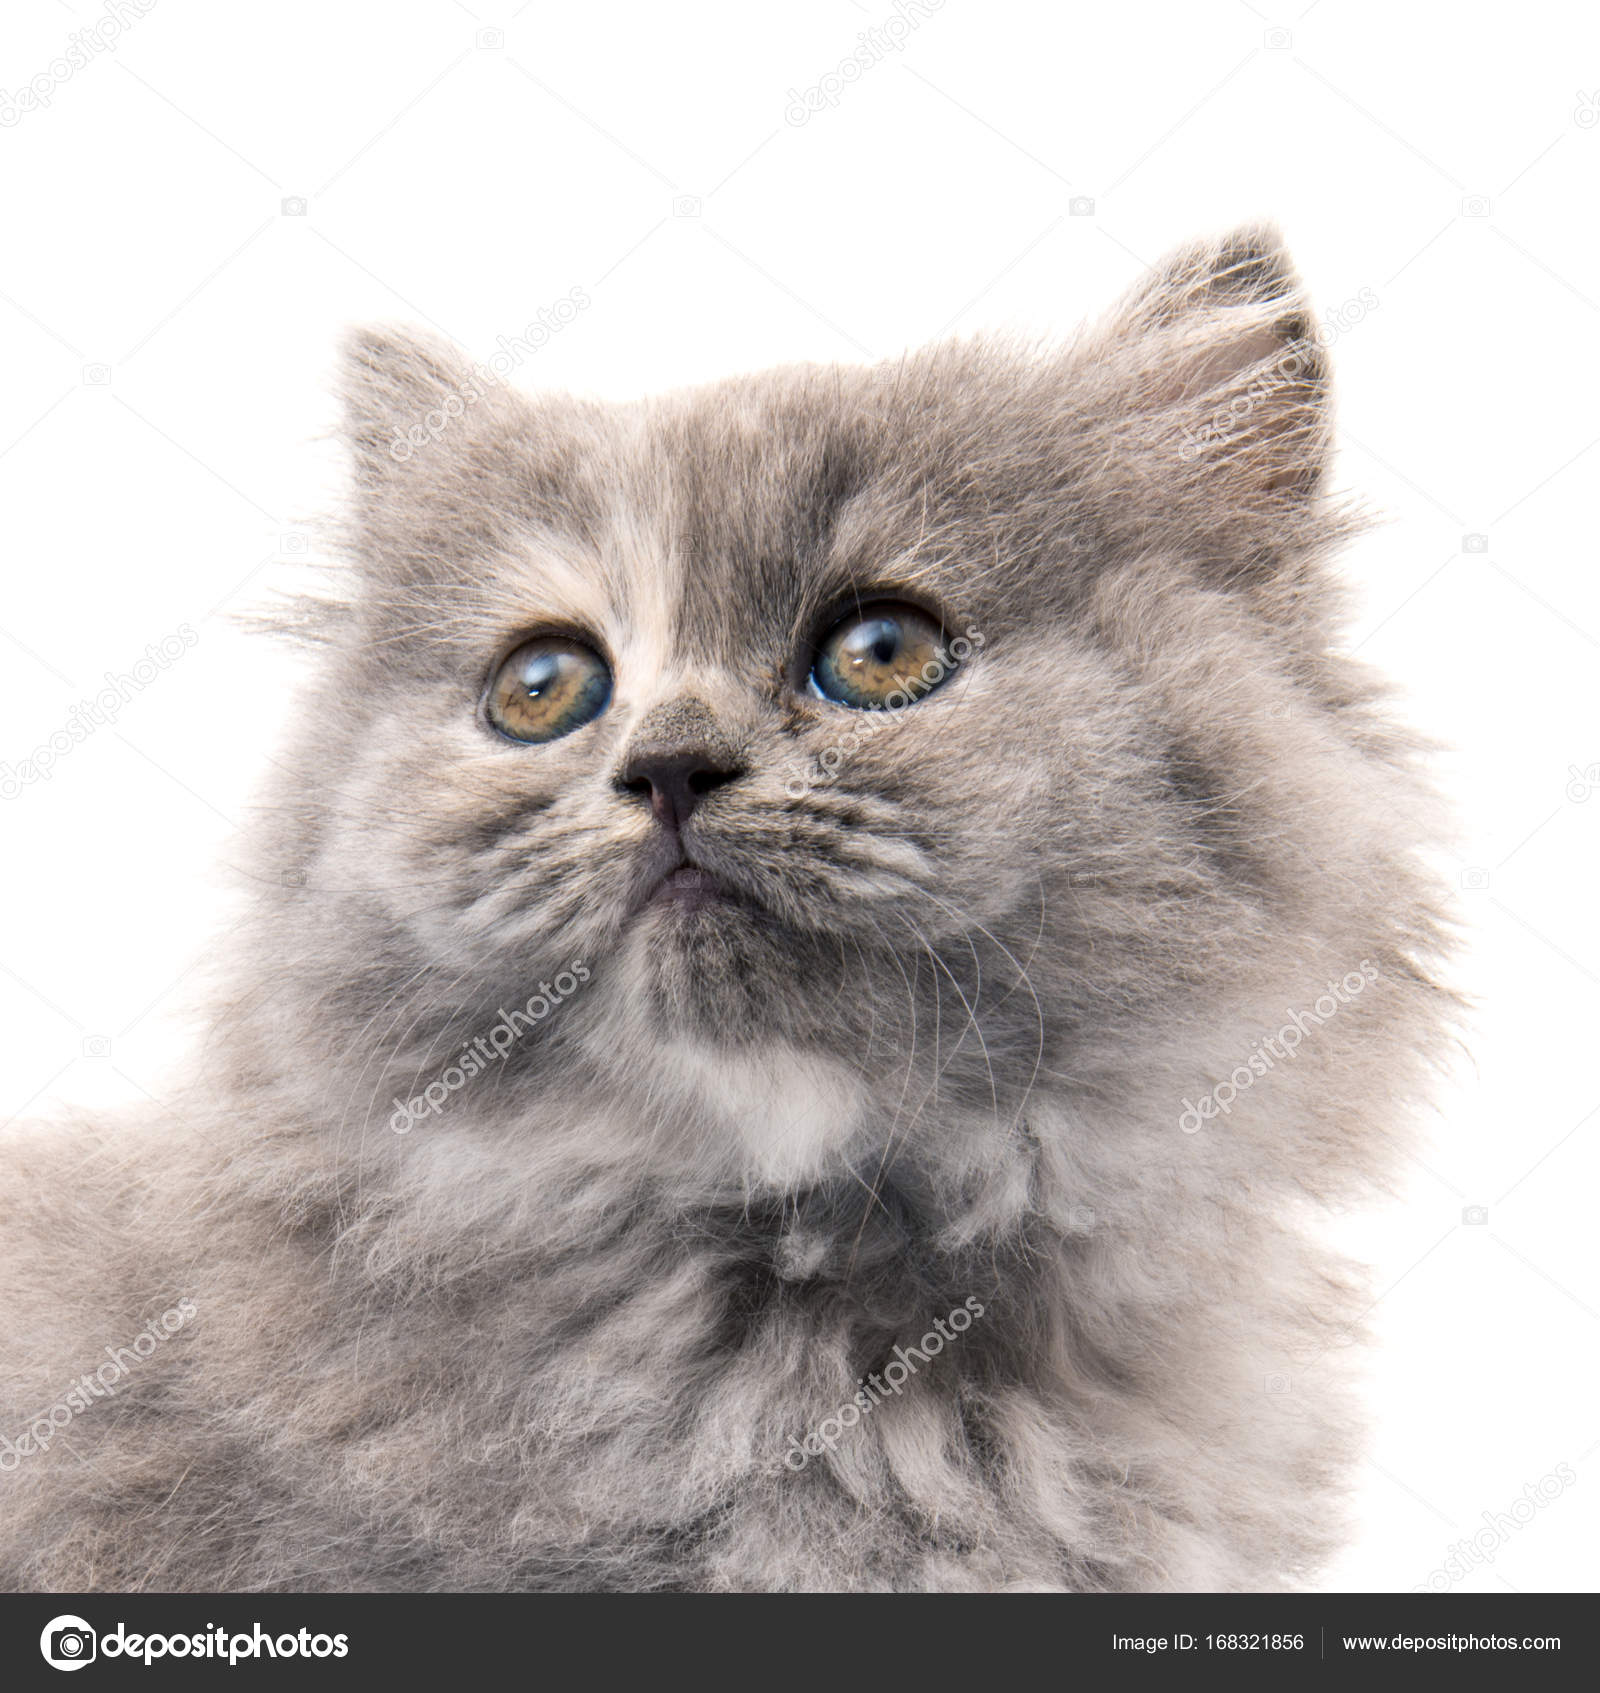 gratuit poilu chatte photos gros noir en liège putain